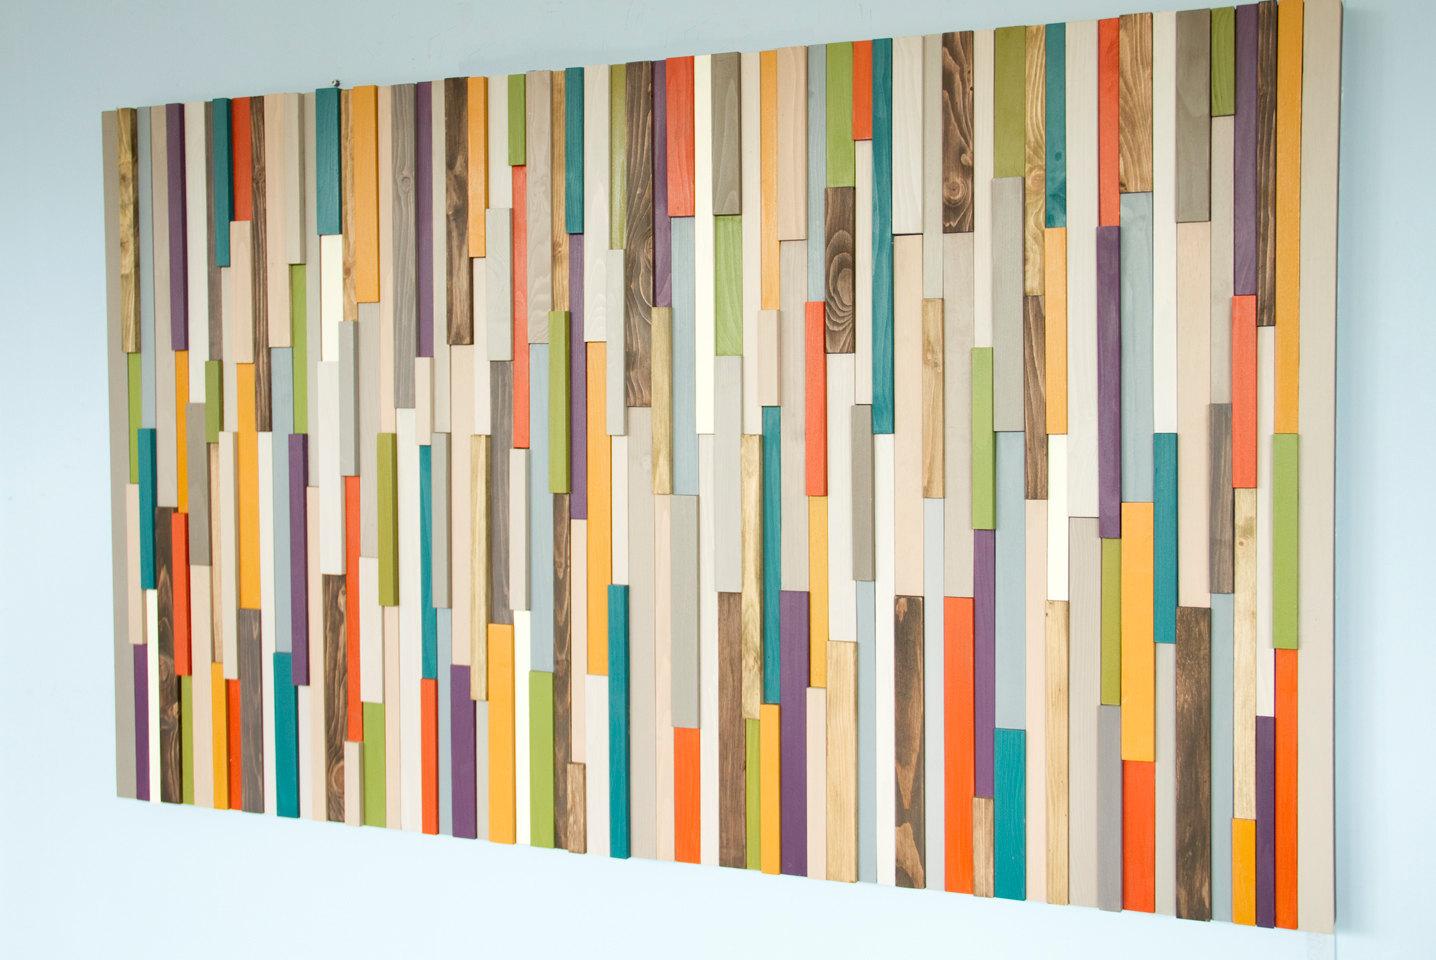 Wood Wall Art, Large sculpture, wood art decor, 2016 colour trends, modern decor